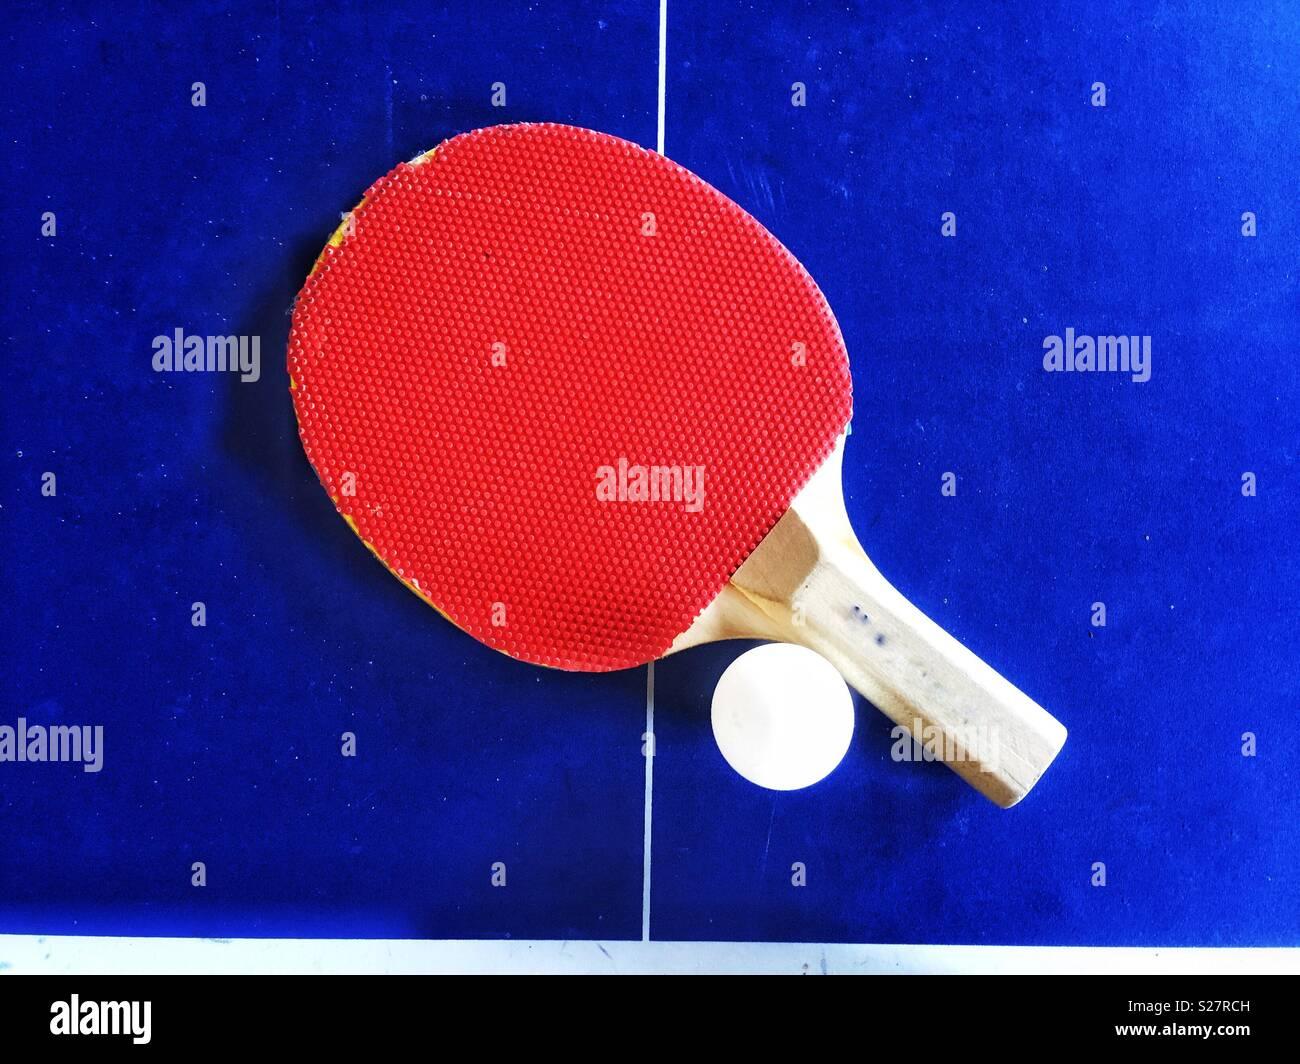 Une raquette de tennis de table rouge et la balle sur un tableau bleu vif Photo Stock